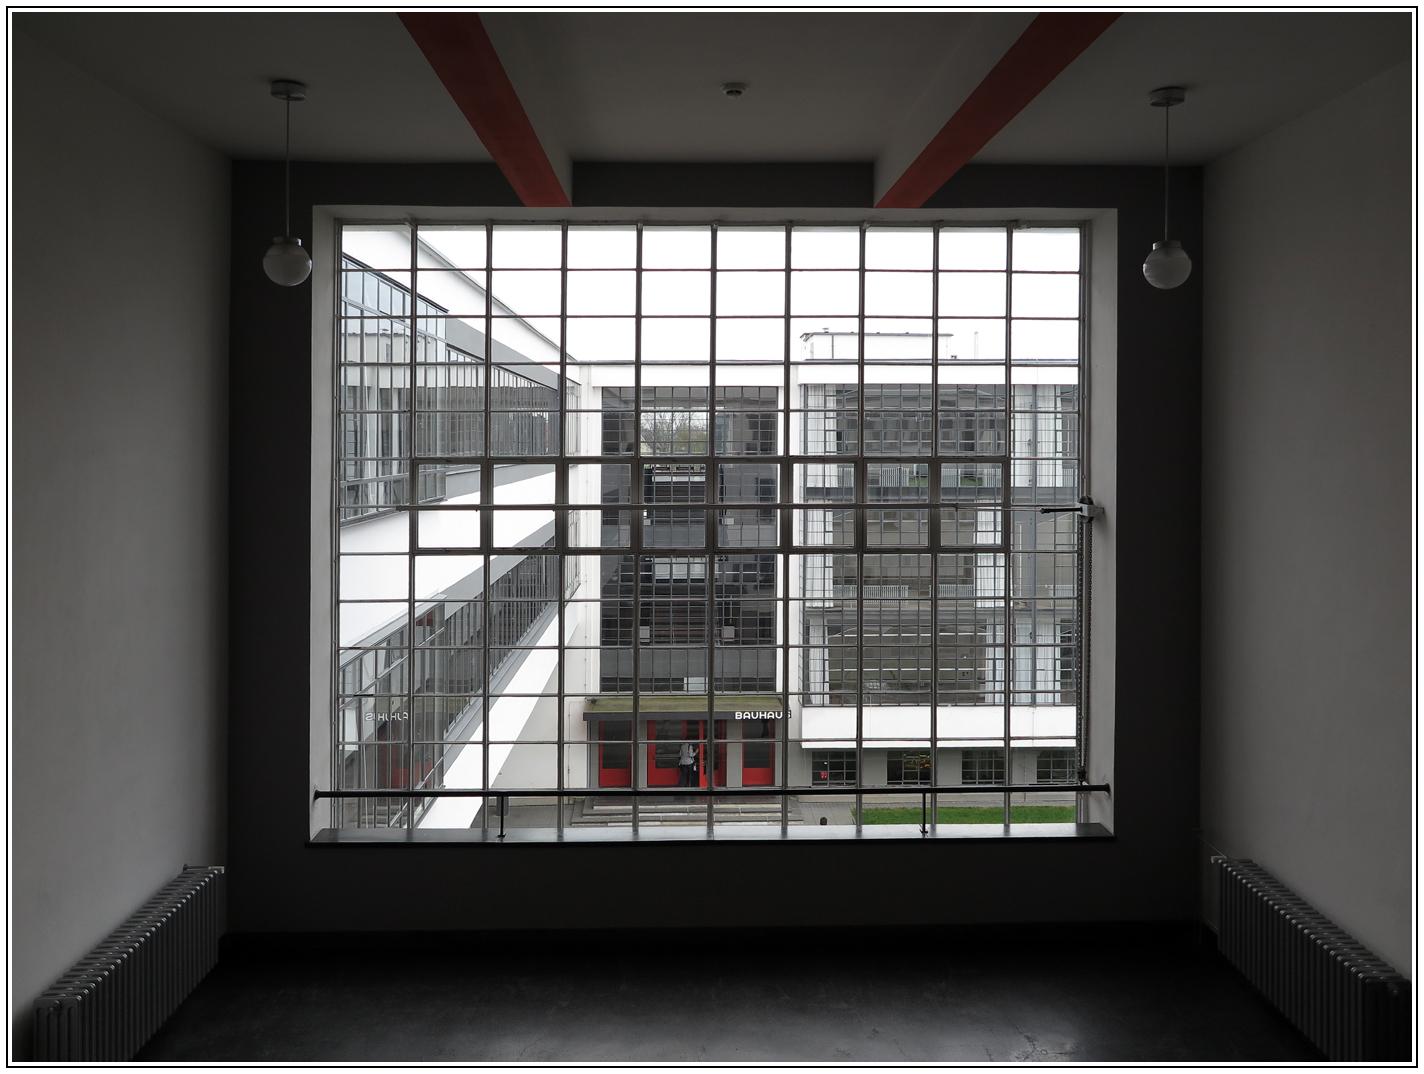 Full Size of Bauhaus Fenster Dessau Foto Bild Deutschland Ebay Dreh Kipp Insektenschutz Ohne Bohren Kunststoff Stores Austauschen Kosten Gardinen Neue Einbauen Velux Preise Fenster Bauhaus Fenster